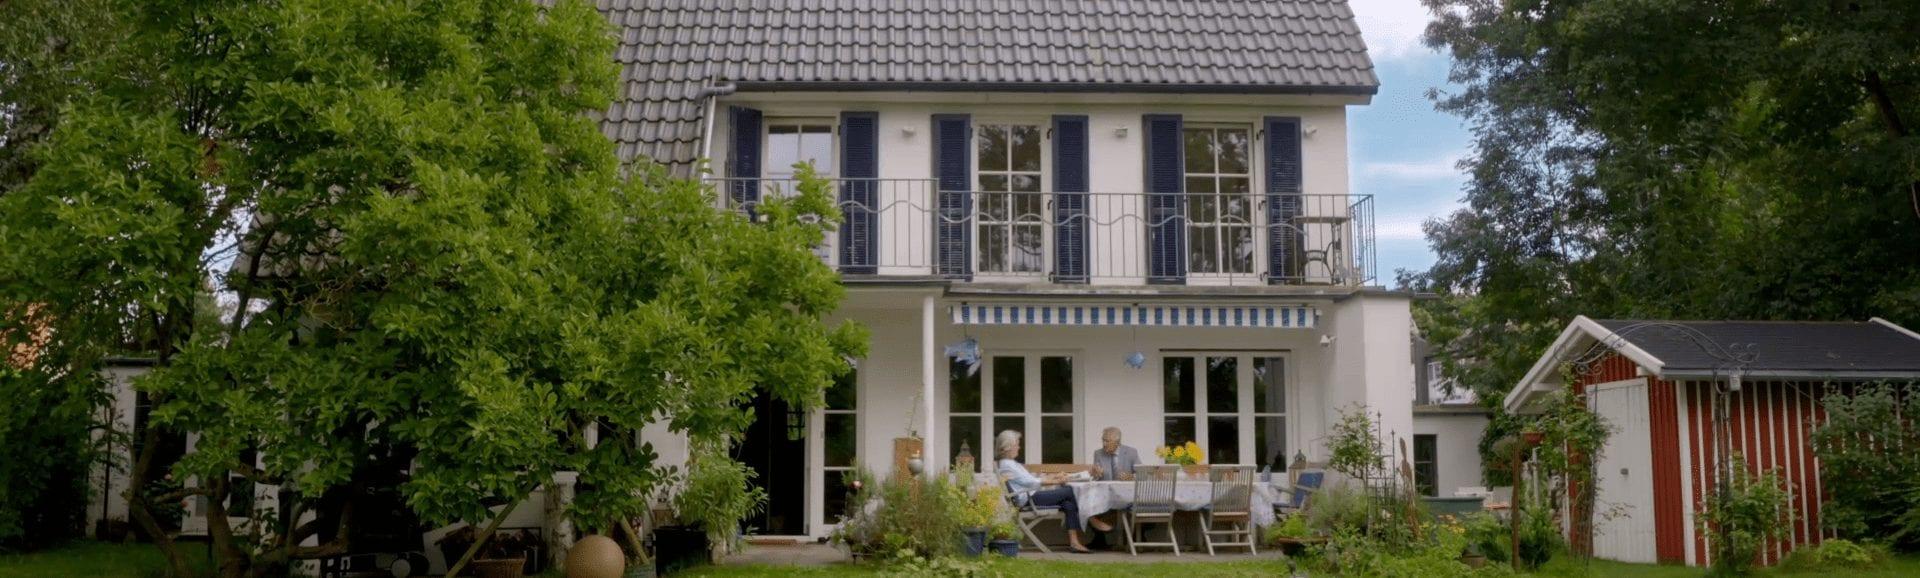 Altersgerecht umgebaute Immobilie dank der Wunschauszahlung beim Teilverkaufsangebot der Deutsche Teilkauf